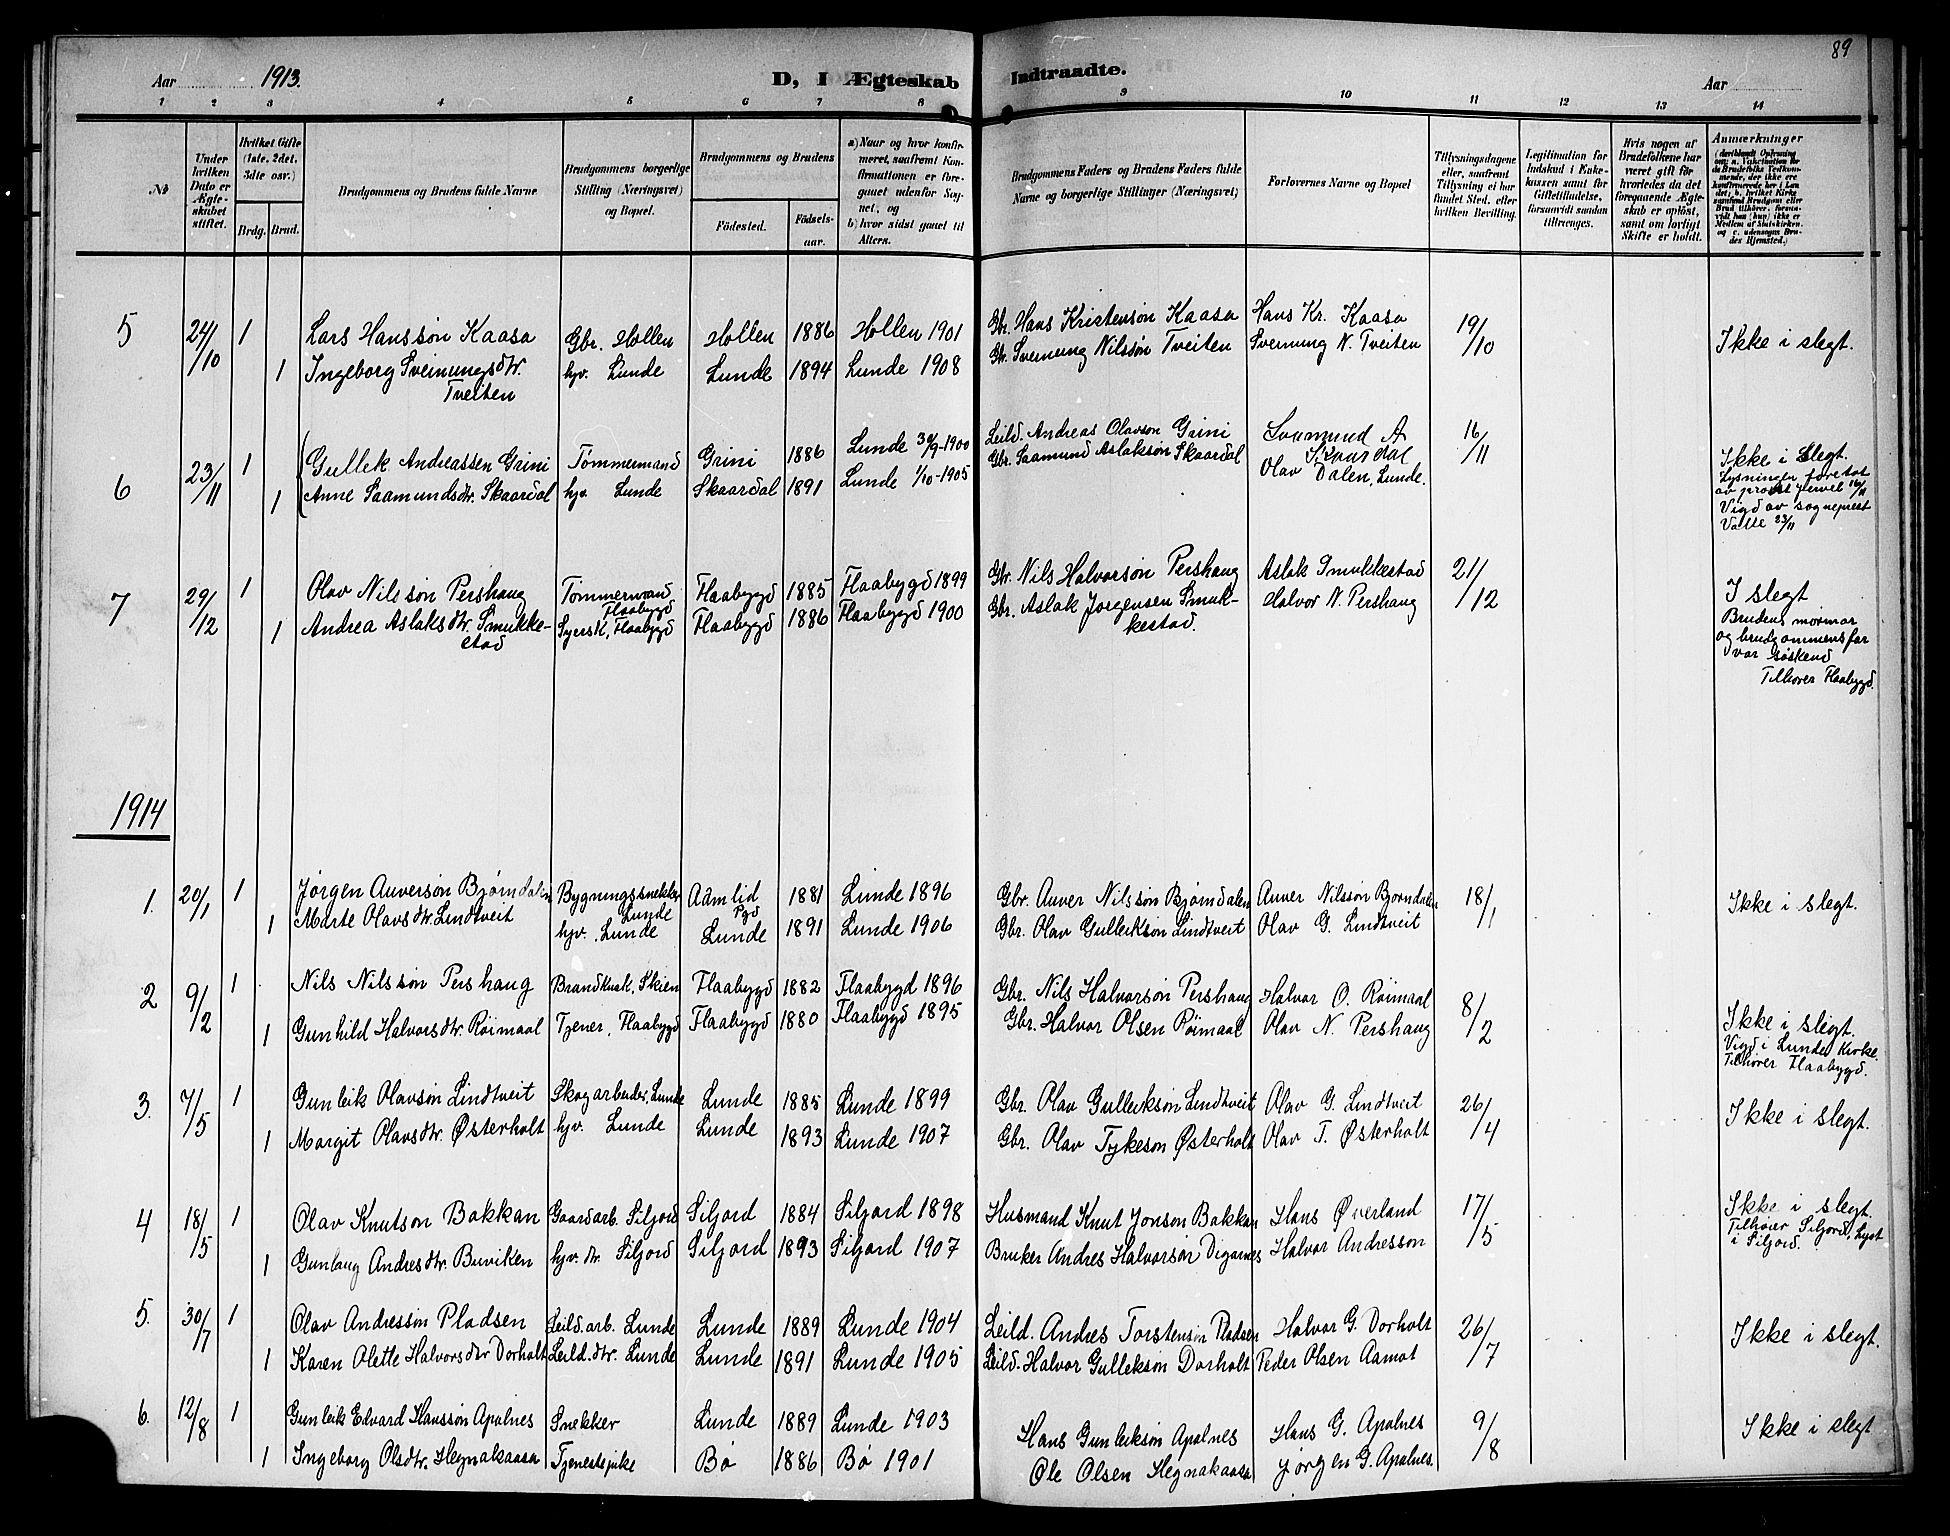 SAKO, Lunde kirkebøker, G/Ga/L0004: Klokkerbok nr. I 4, 1906-1914, s. 89